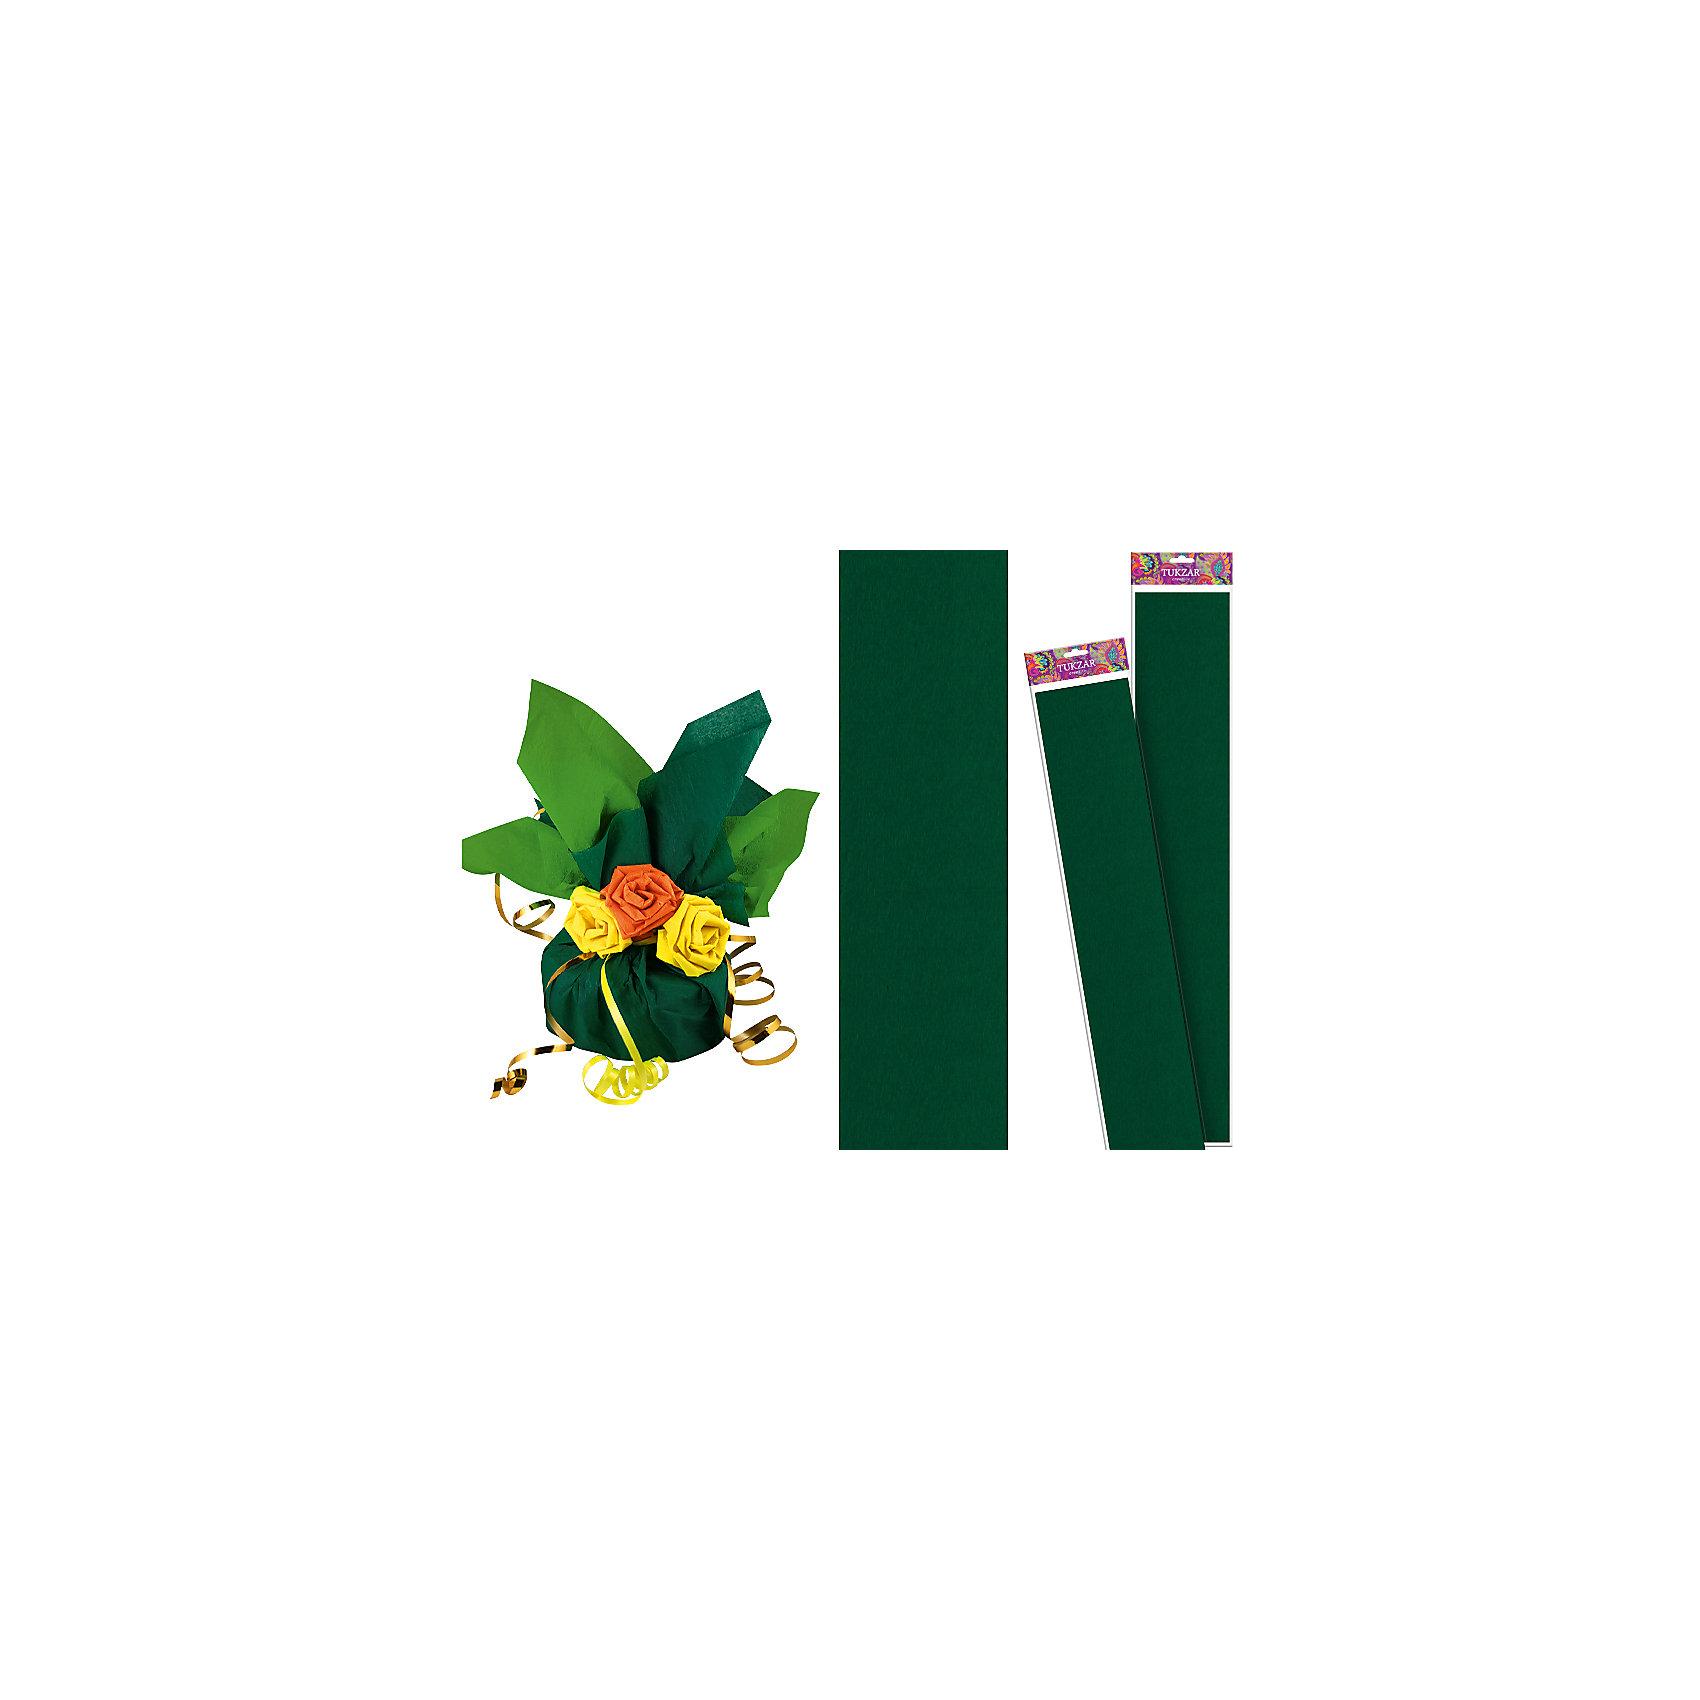 Зеленая крепированная бумага 50*250 смРукоделие<br>Зеленая крепированная бумага 50*250 см от известного торгового бренда канцелярских товаров и товаров для творчества TUKZAR. Крепированная бумага используется для изготовления различных поделок и аппликаций, наиболее часто данный вид бумаги применяют для изготовления цветов, которые отличаются высокой степенью достоверности, что обеспечивается за счет свойств данной бумаги: она имеет мелкое гофрирование, бархатистая на ощупь и влагостойкая. <br>Зеленая крепированная бумага 50*250 см от TUKZAR – идеально подходит для поделок и оформительских работ.  <br><br>Дополнительная информация:<br><br>- Предназначение: для творческих занятий и оформительских работ <br>- Материал: бумага<br>- Размеры (Ш*Д): 50*250 см<br>- Цвет: зеленый<br>- Упаковка: блистер<br><br>Подробнее:<br><br>• Для детей в возрасте: от 3 лет <br>• Страна производитель: Китай<br>• Торговый бренд: TUKZAR<br><br>Зеленую крепированную бумагу 50*250 см можно купить в нашем интернет-магазине.<br><br>Ширина мм: 500<br>Глубина мм: 50<br>Высота мм: 50<br>Вес г: 100<br>Возраст от месяцев: 36<br>Возраст до месяцев: 192<br>Пол: Унисекс<br>Возраст: Детский<br>SKU: 5001381